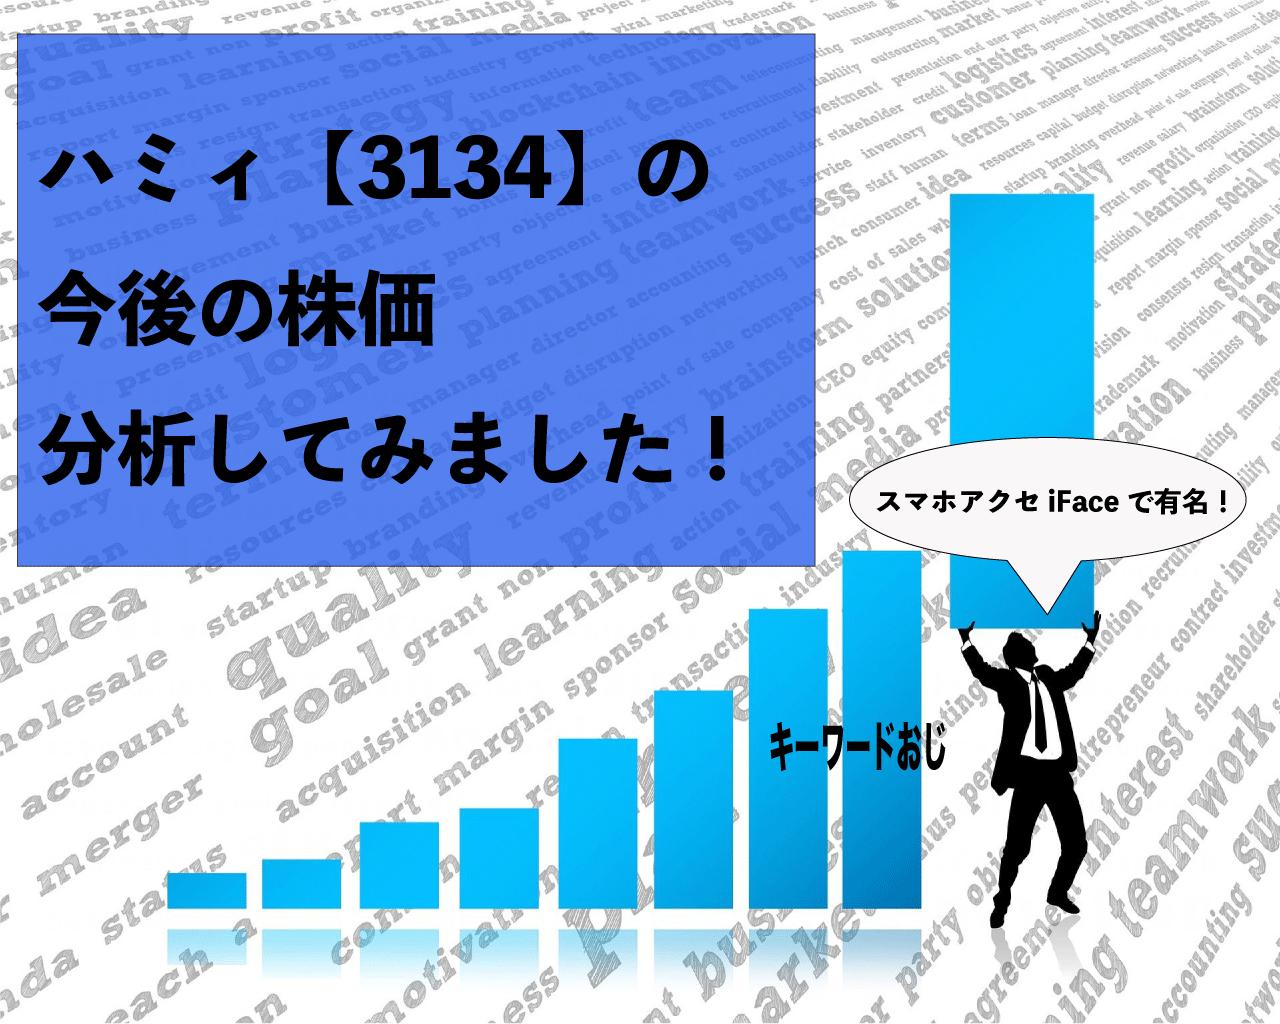 東急 株価